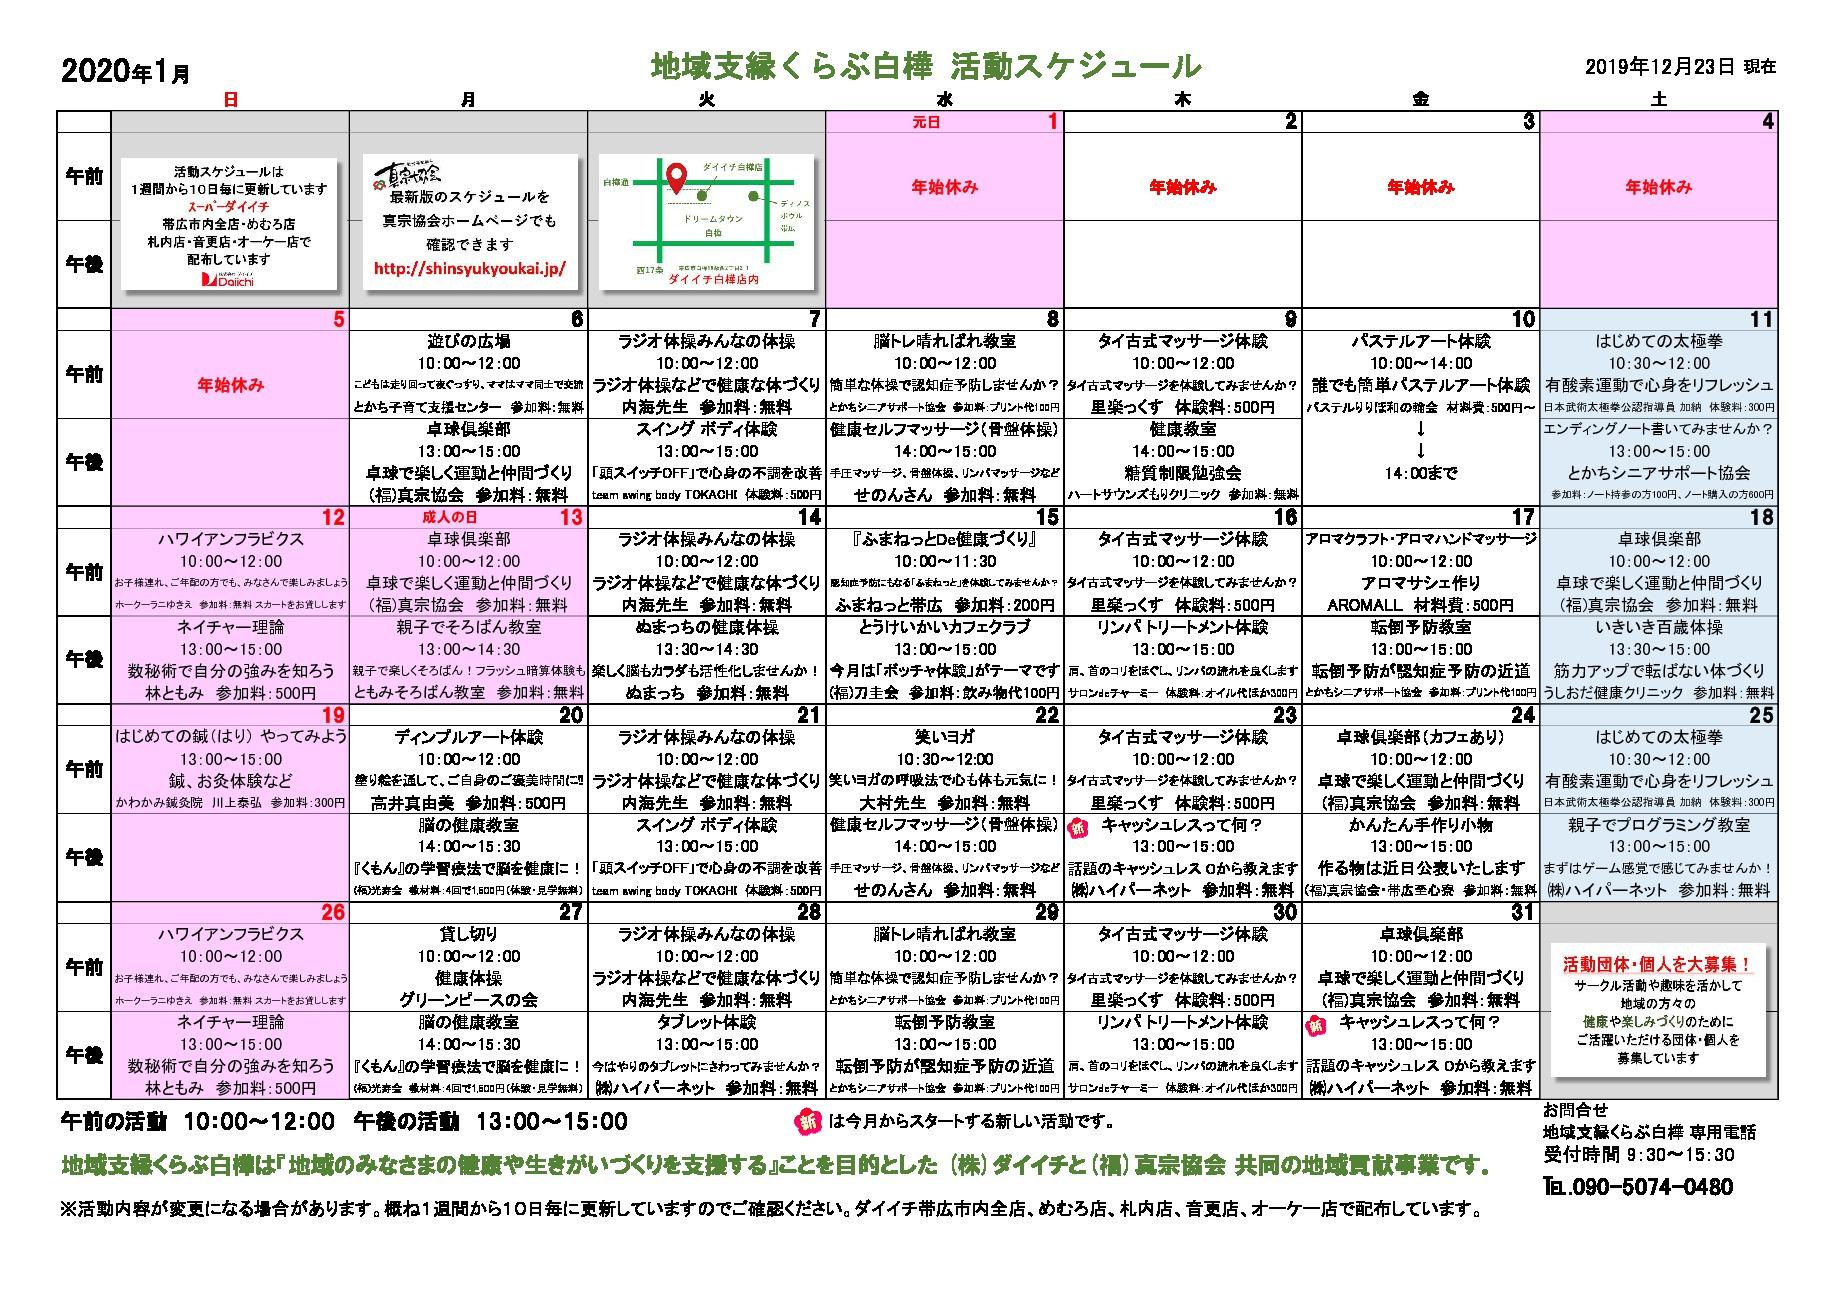 2019活動スケジュール1(2019.12.23付)のサムネイル